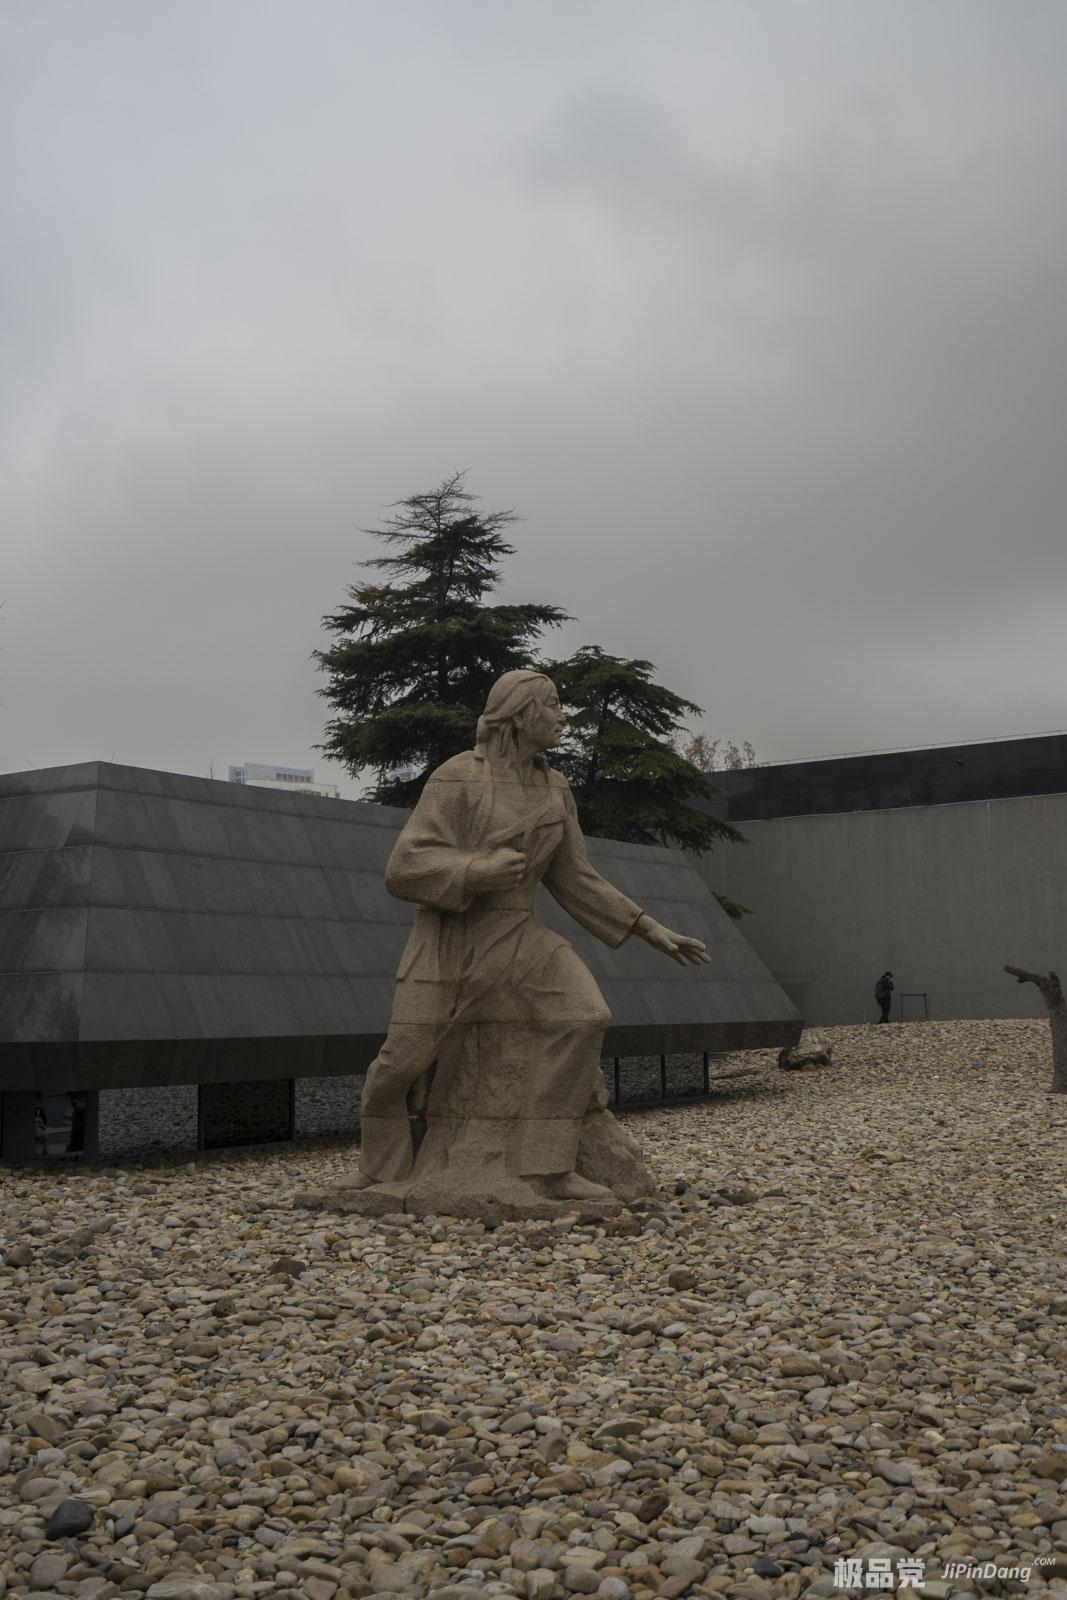 20171229回忆—-参观南京大屠杀纪念馆-极品党